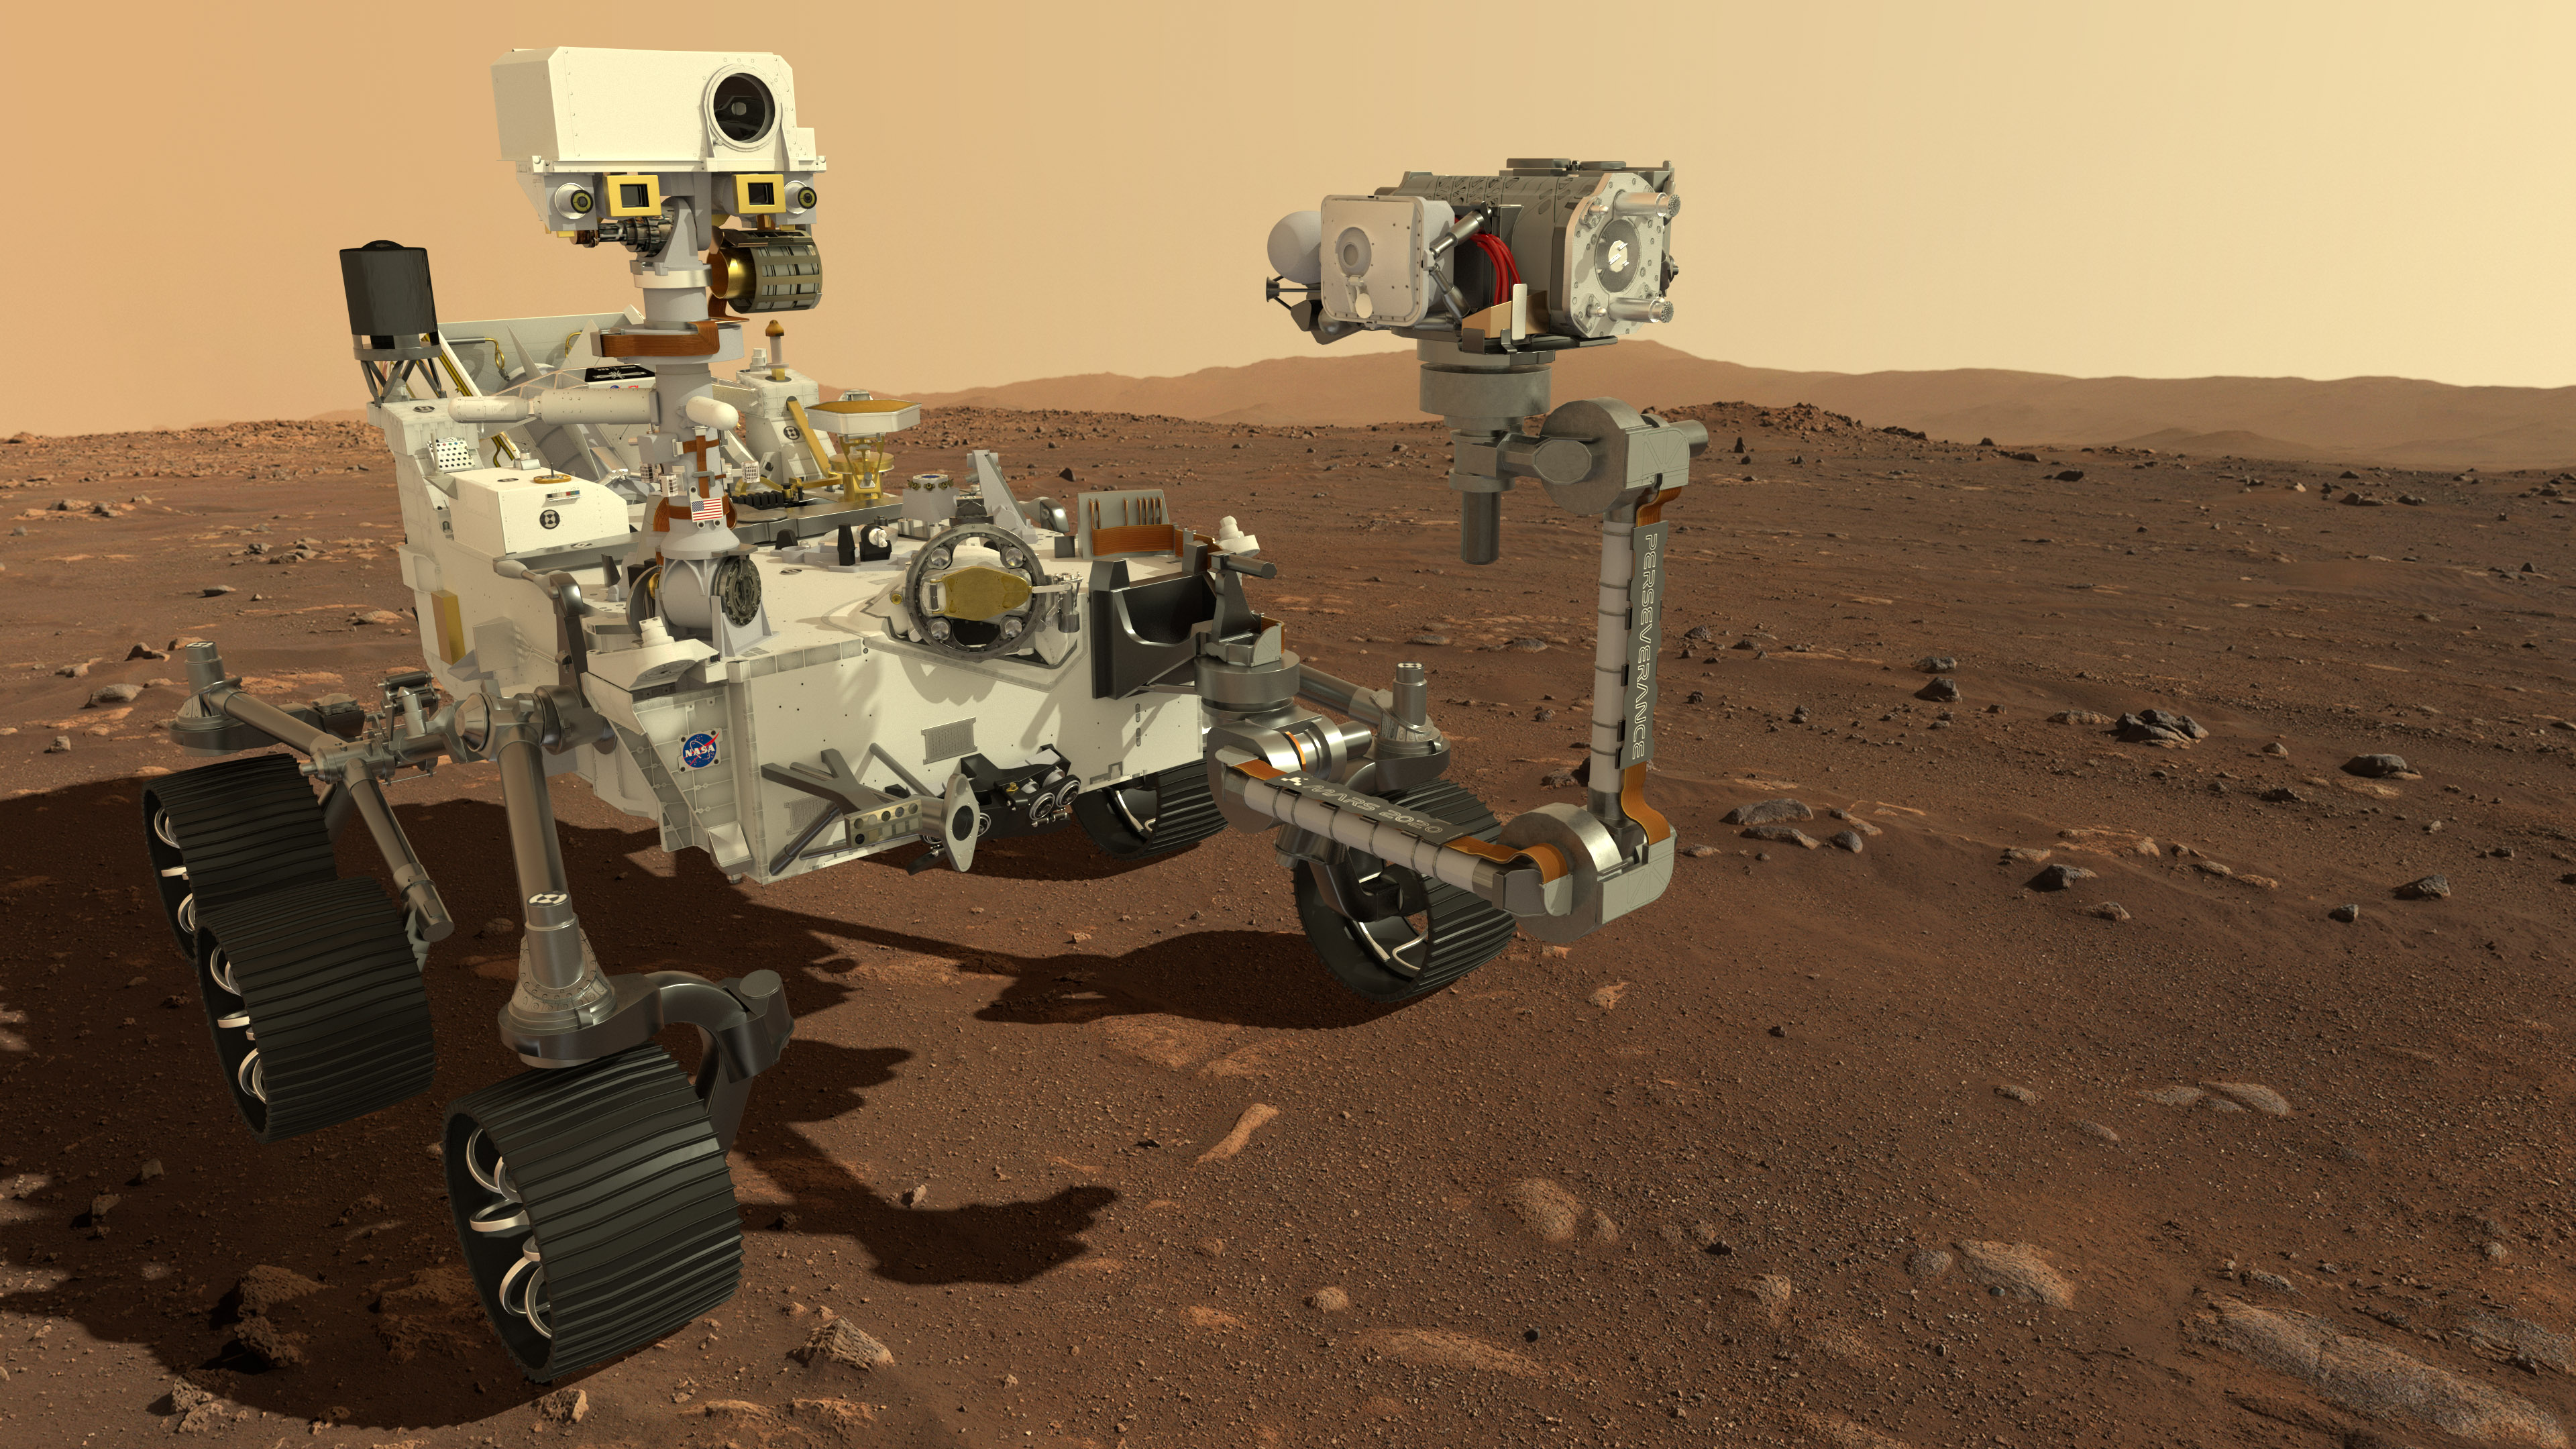 Perseverance on Mars